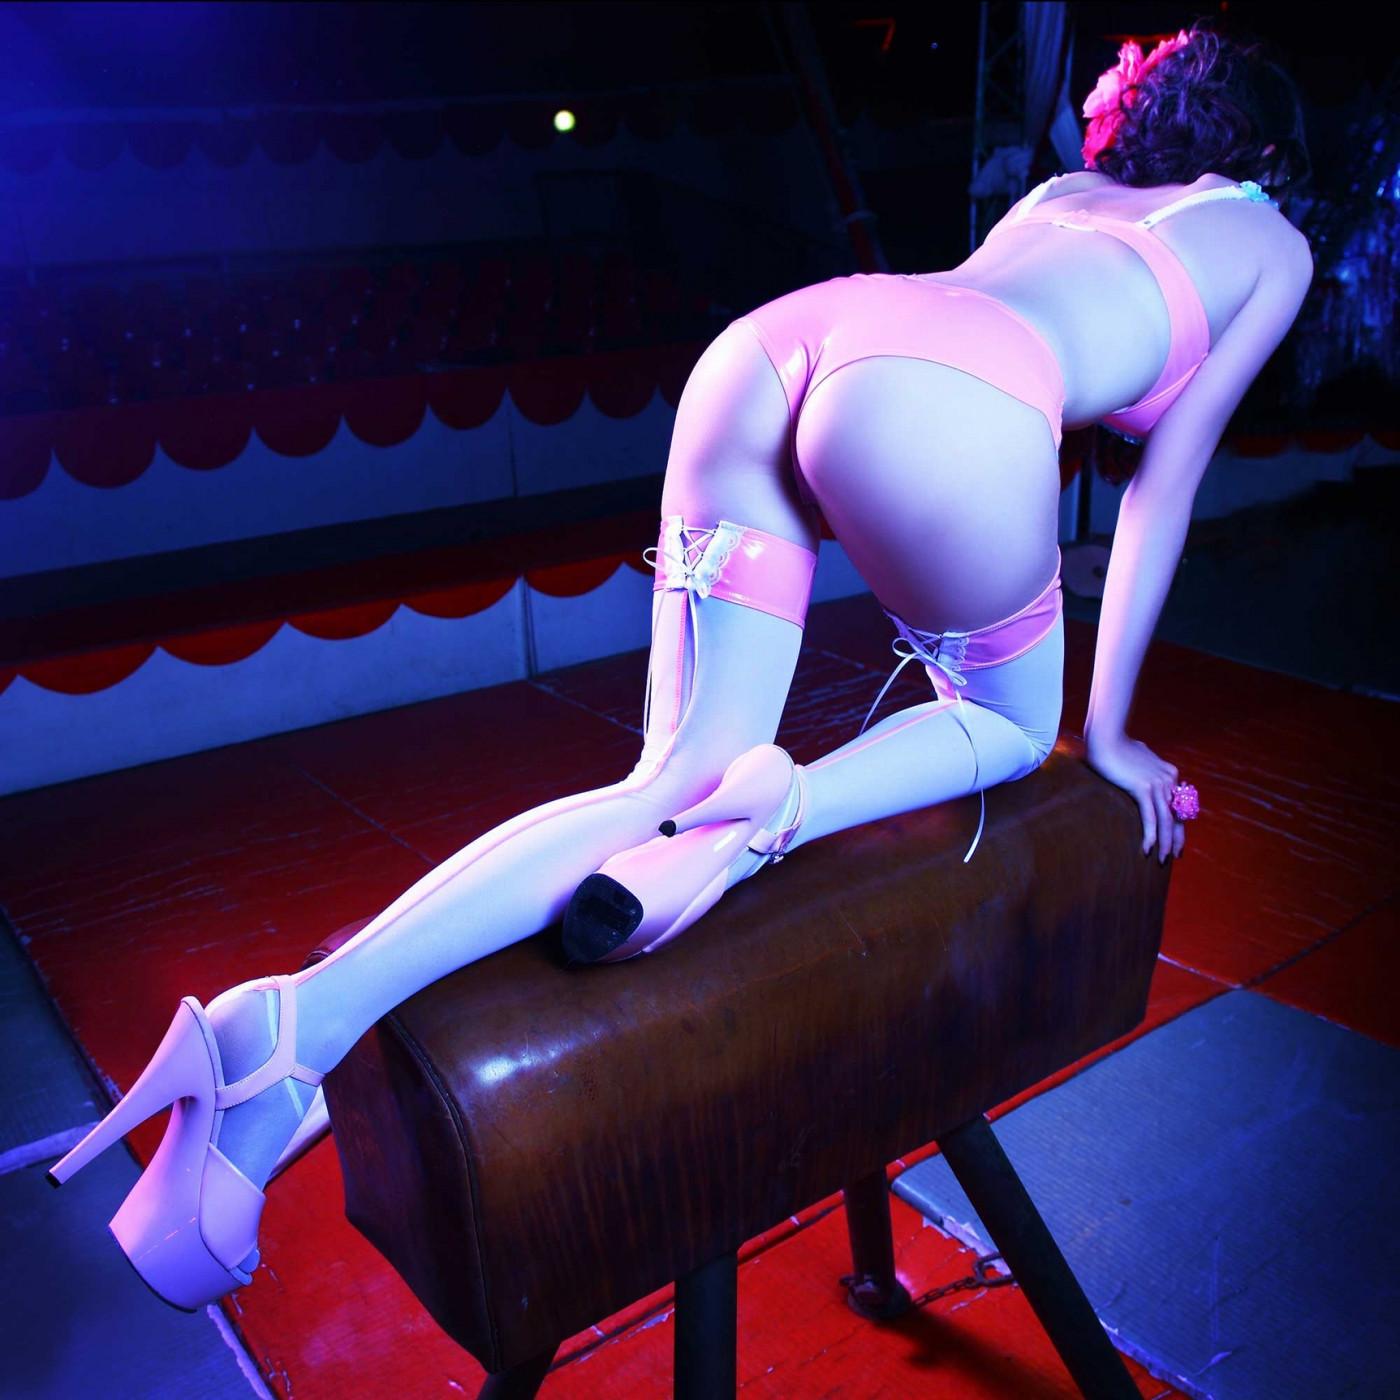 Chantilly, sexy mesh stockings - Patrice Catanzaro